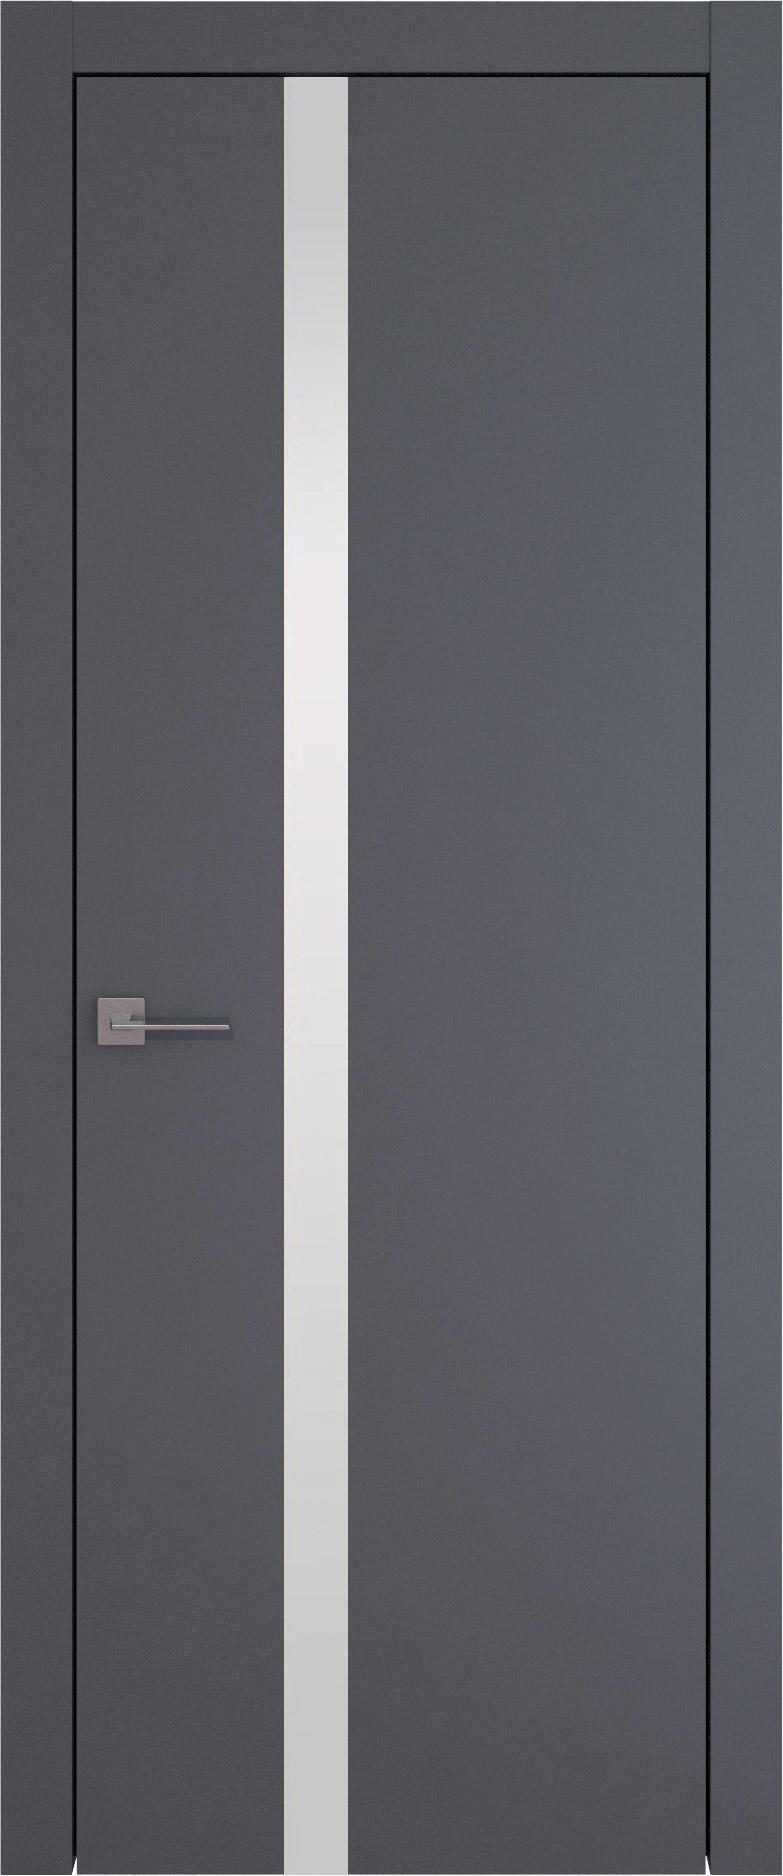 Tivoli Д-1 цвет - Графитово-серая эмаль (RAL 7024) Без стекла (ДГ)